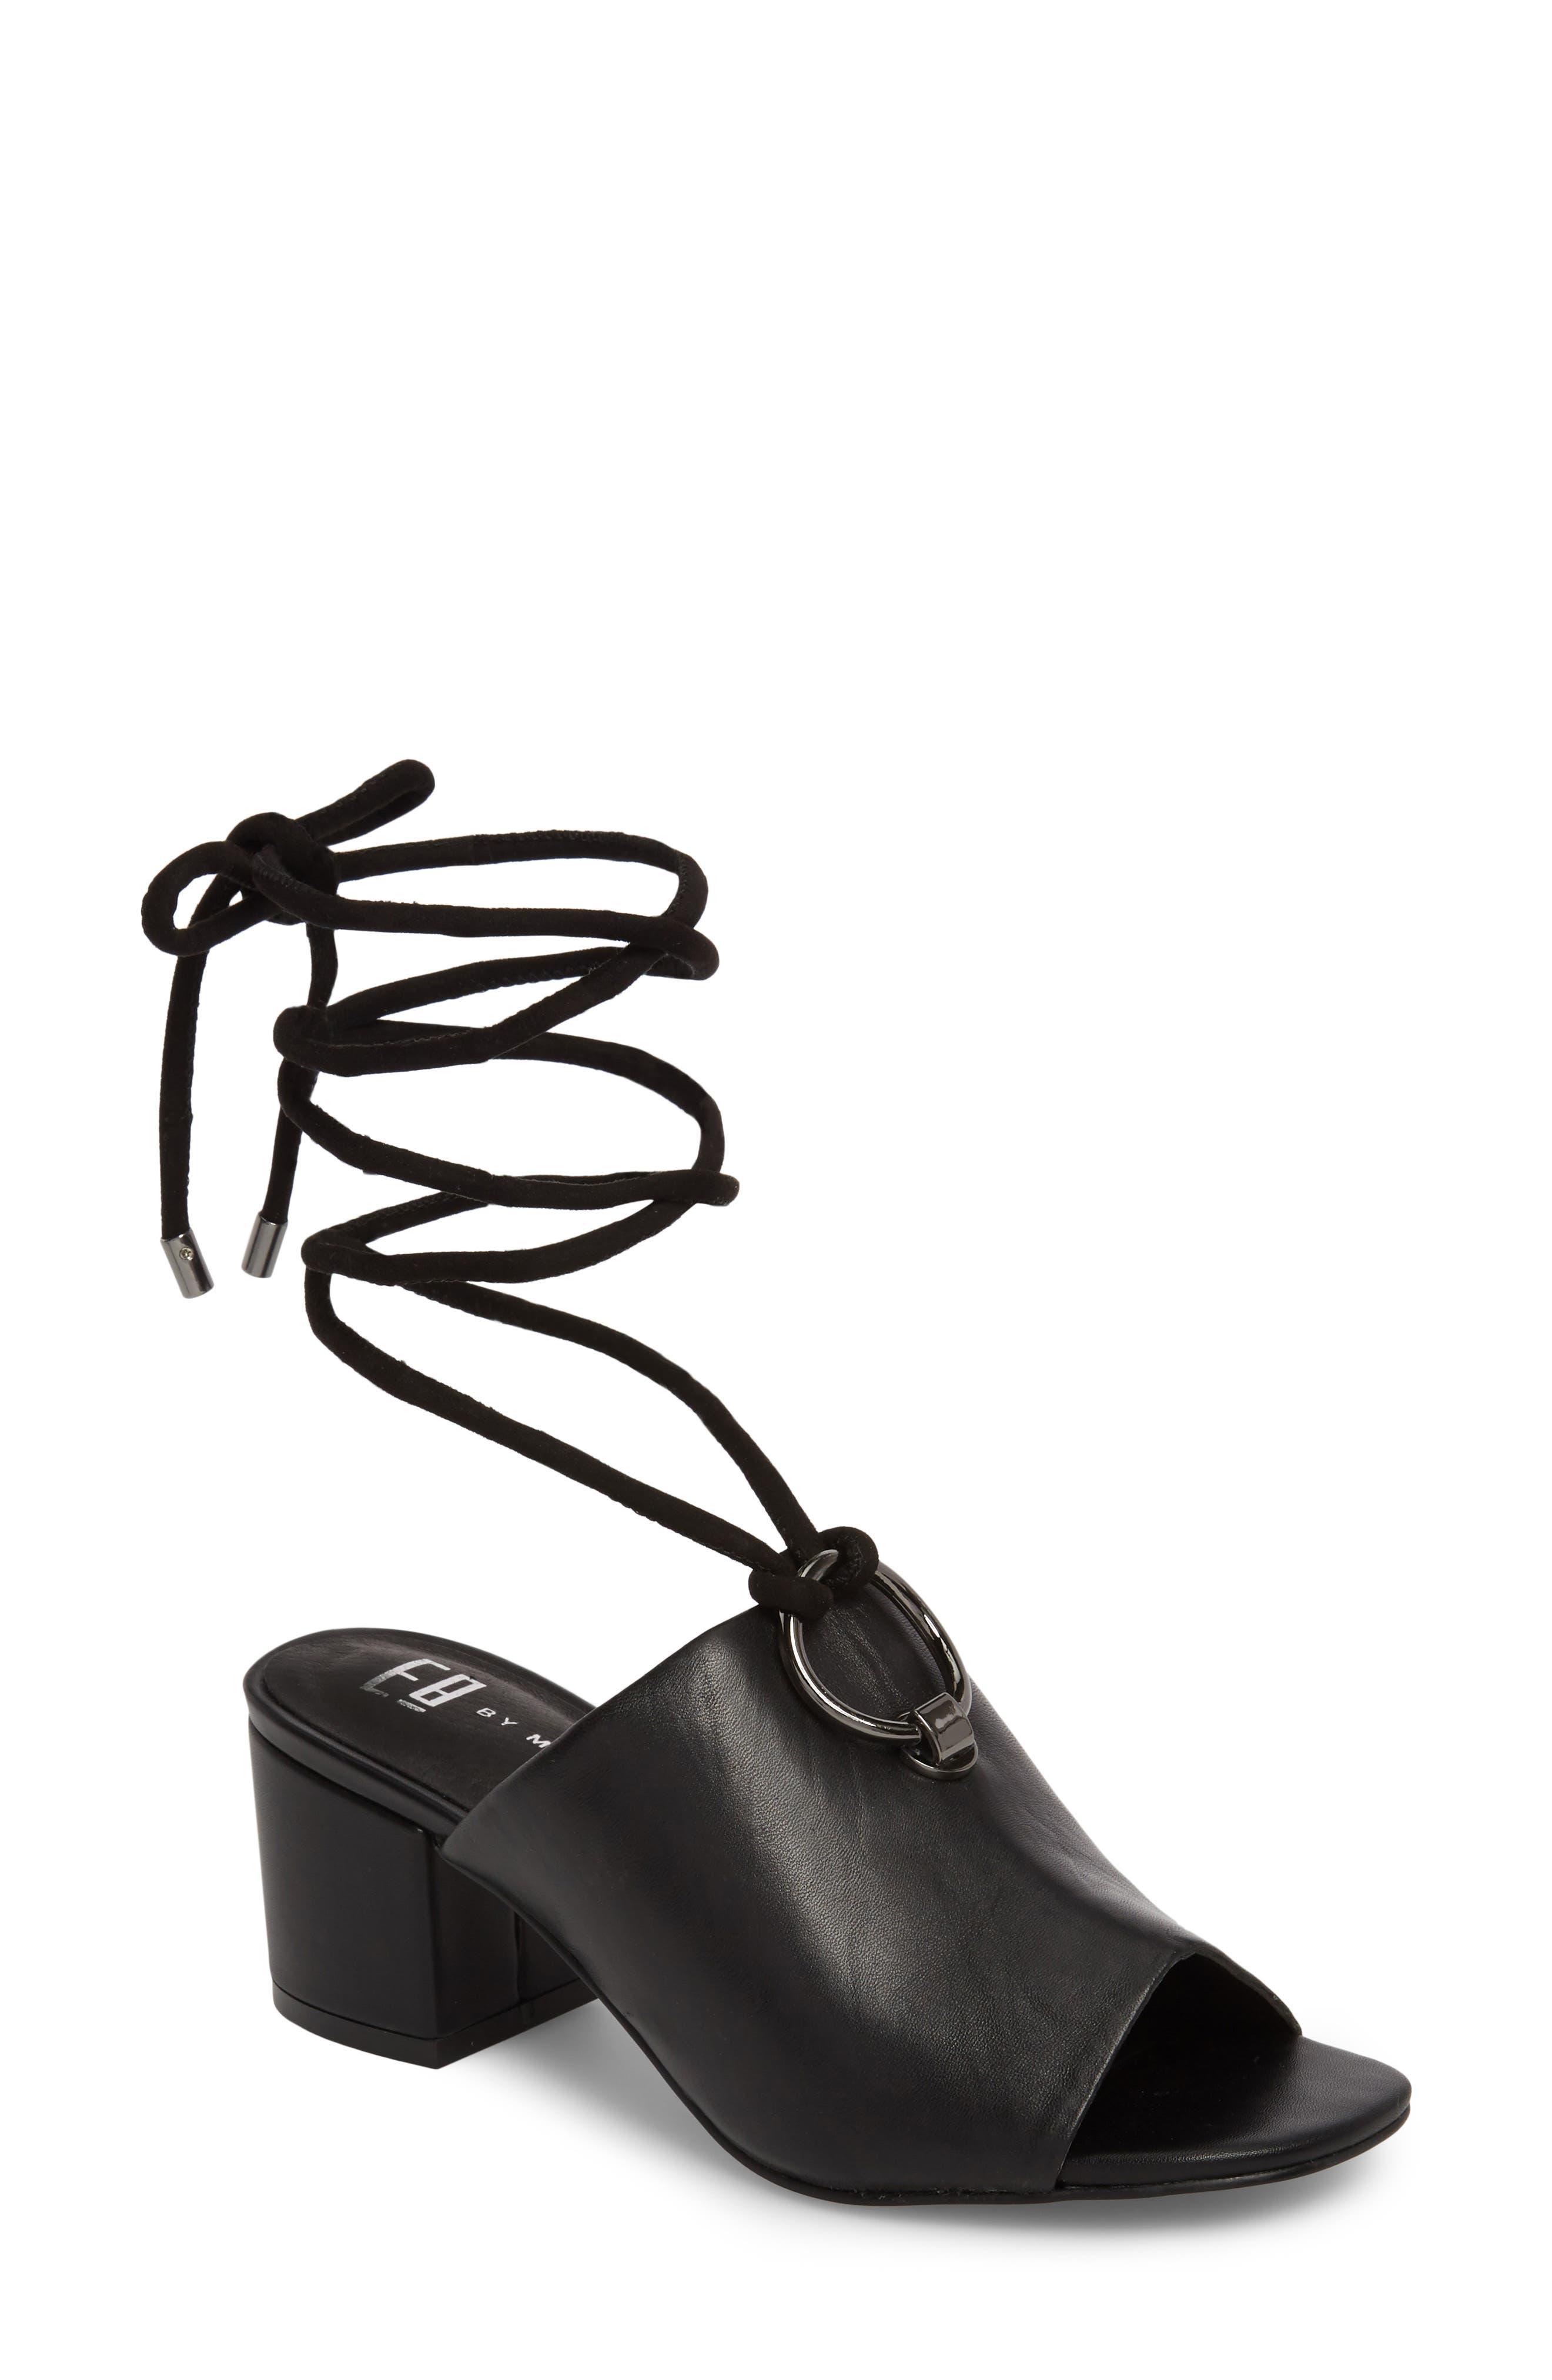 Mason Ankle Tie Sandal,                         Main,                         color, BLACK LEATHER